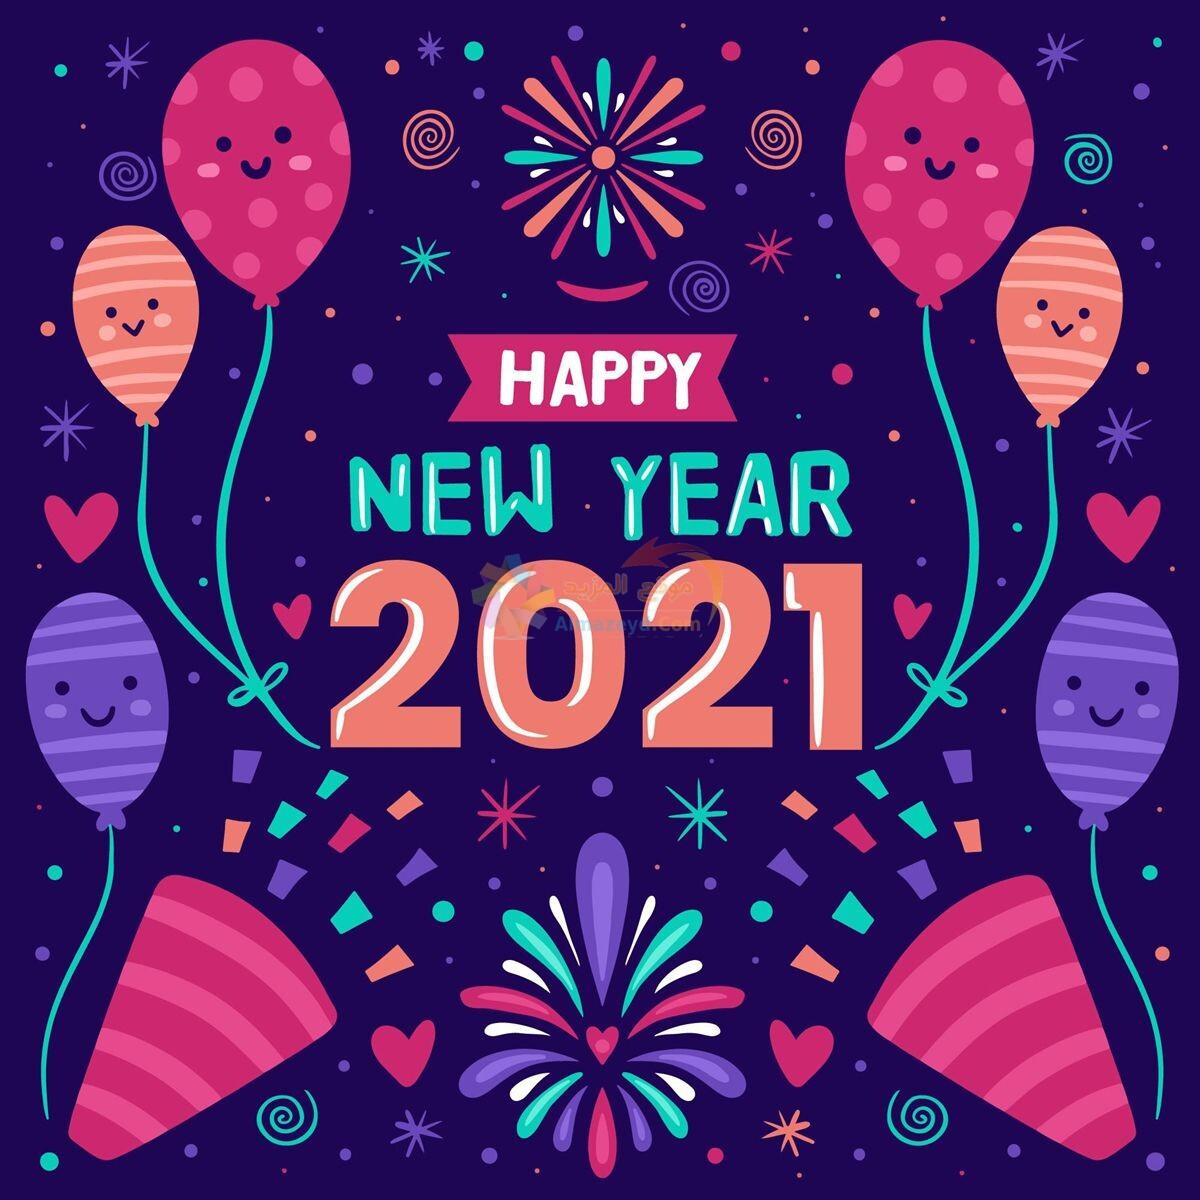 سنة 2021 تهنئة رمزيات 2